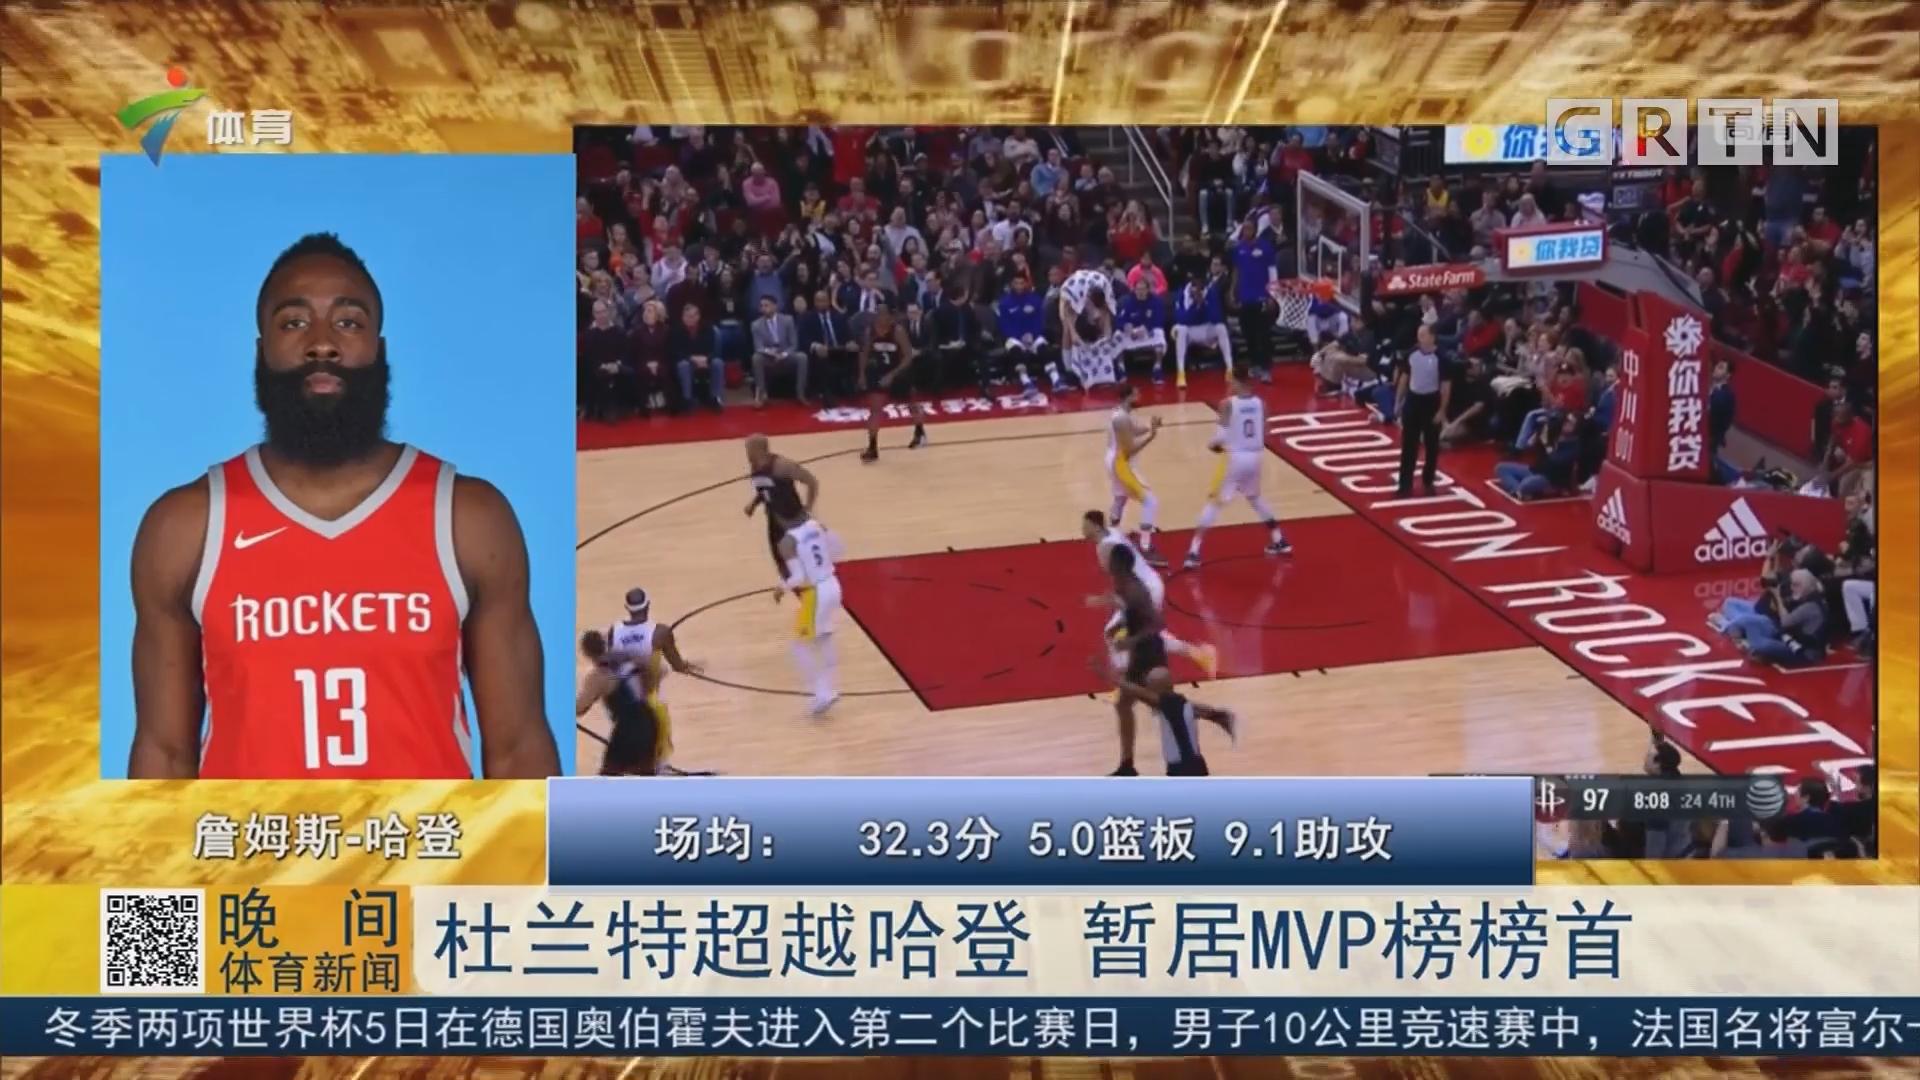 杜兰特超越哈登 暂居MVP榜榜首